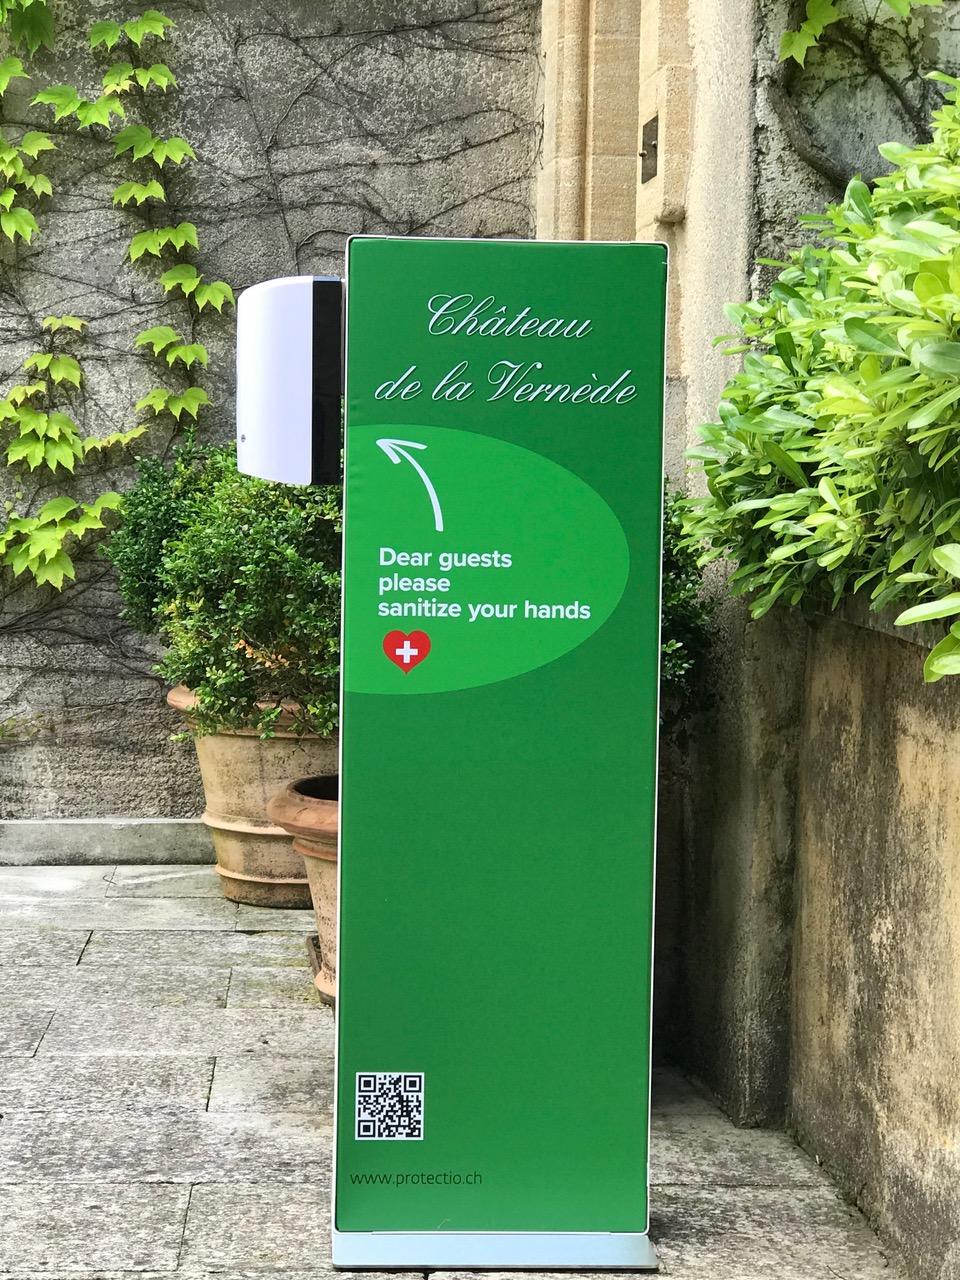 Distributeur solution hydroalcoolique safe station château Vernède Protectio